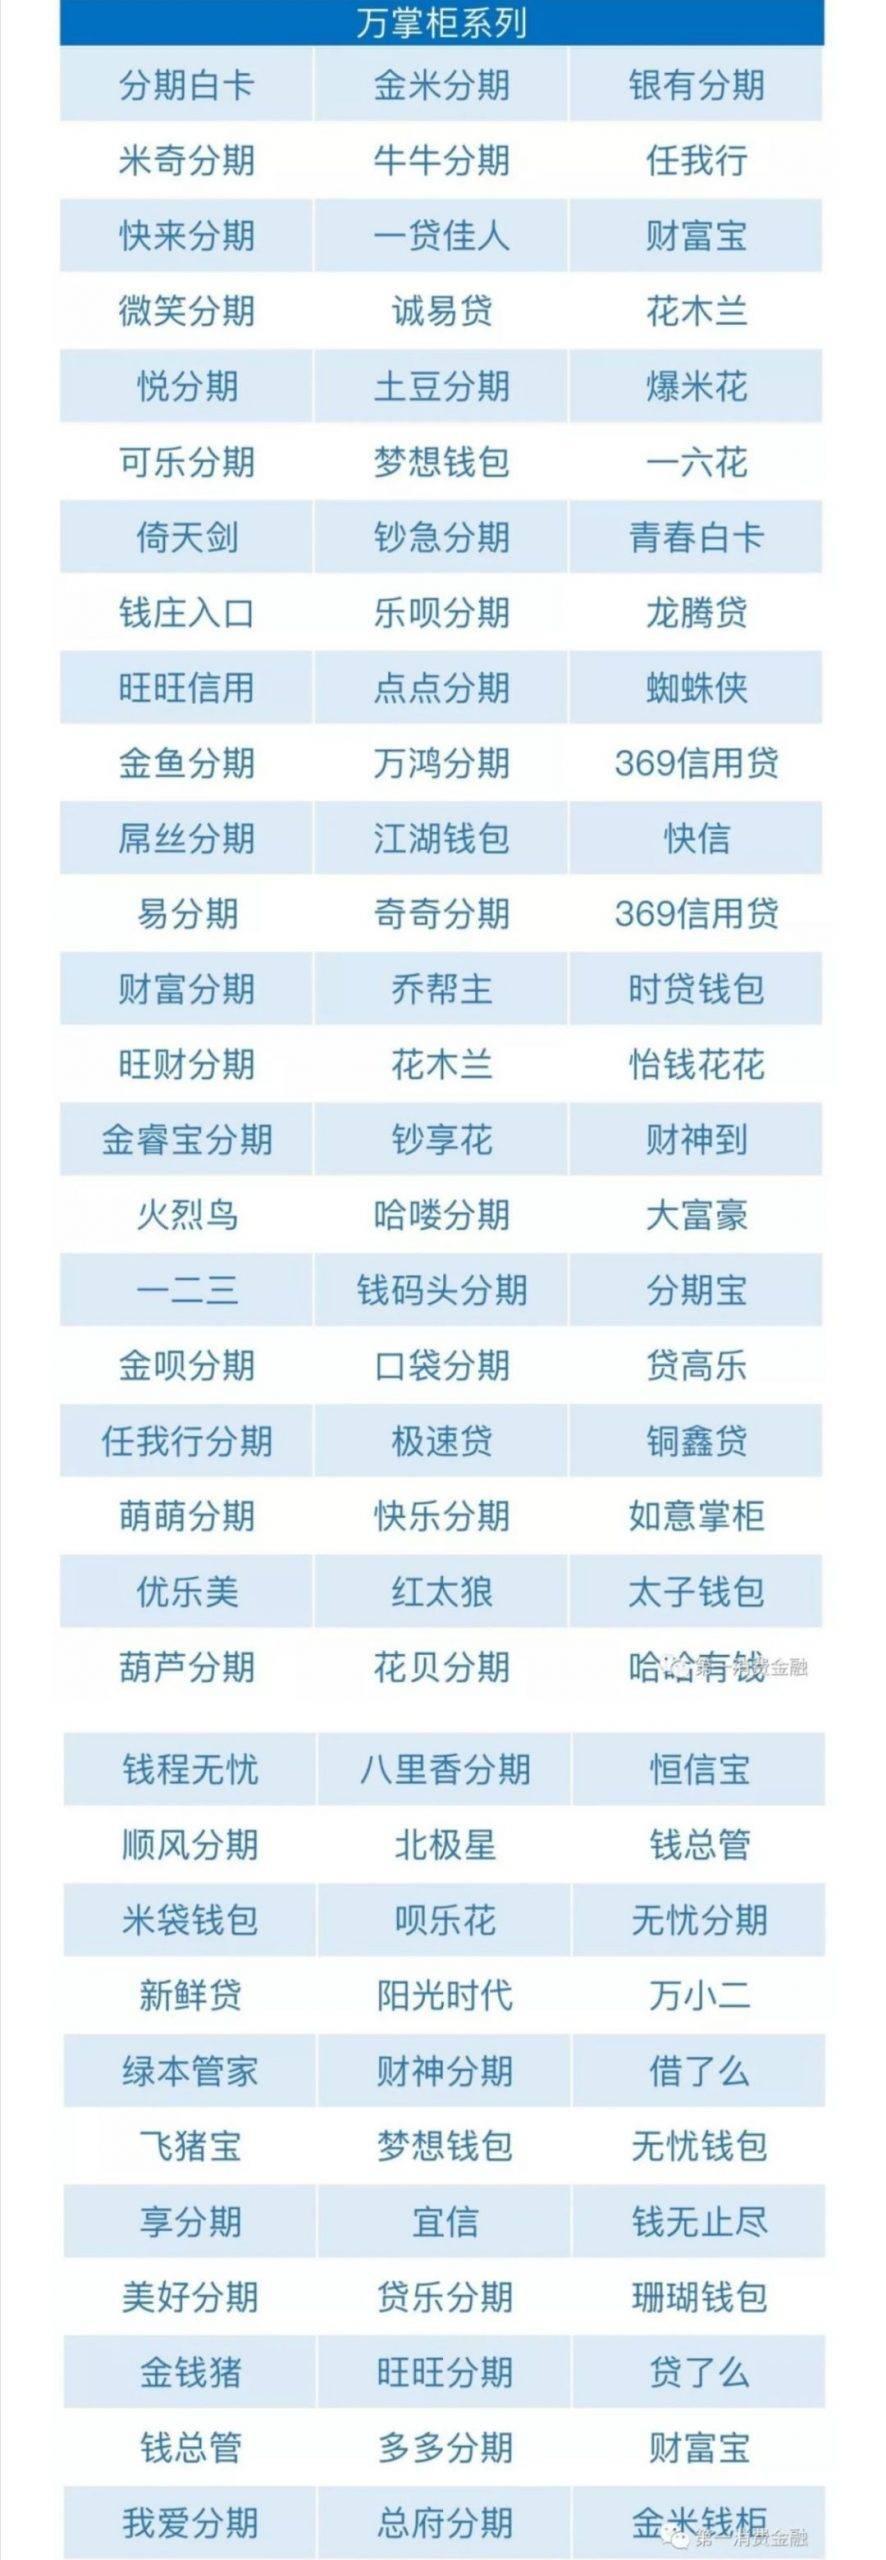 最全 I 不用还的网贷名单(2020年3月14日更新)